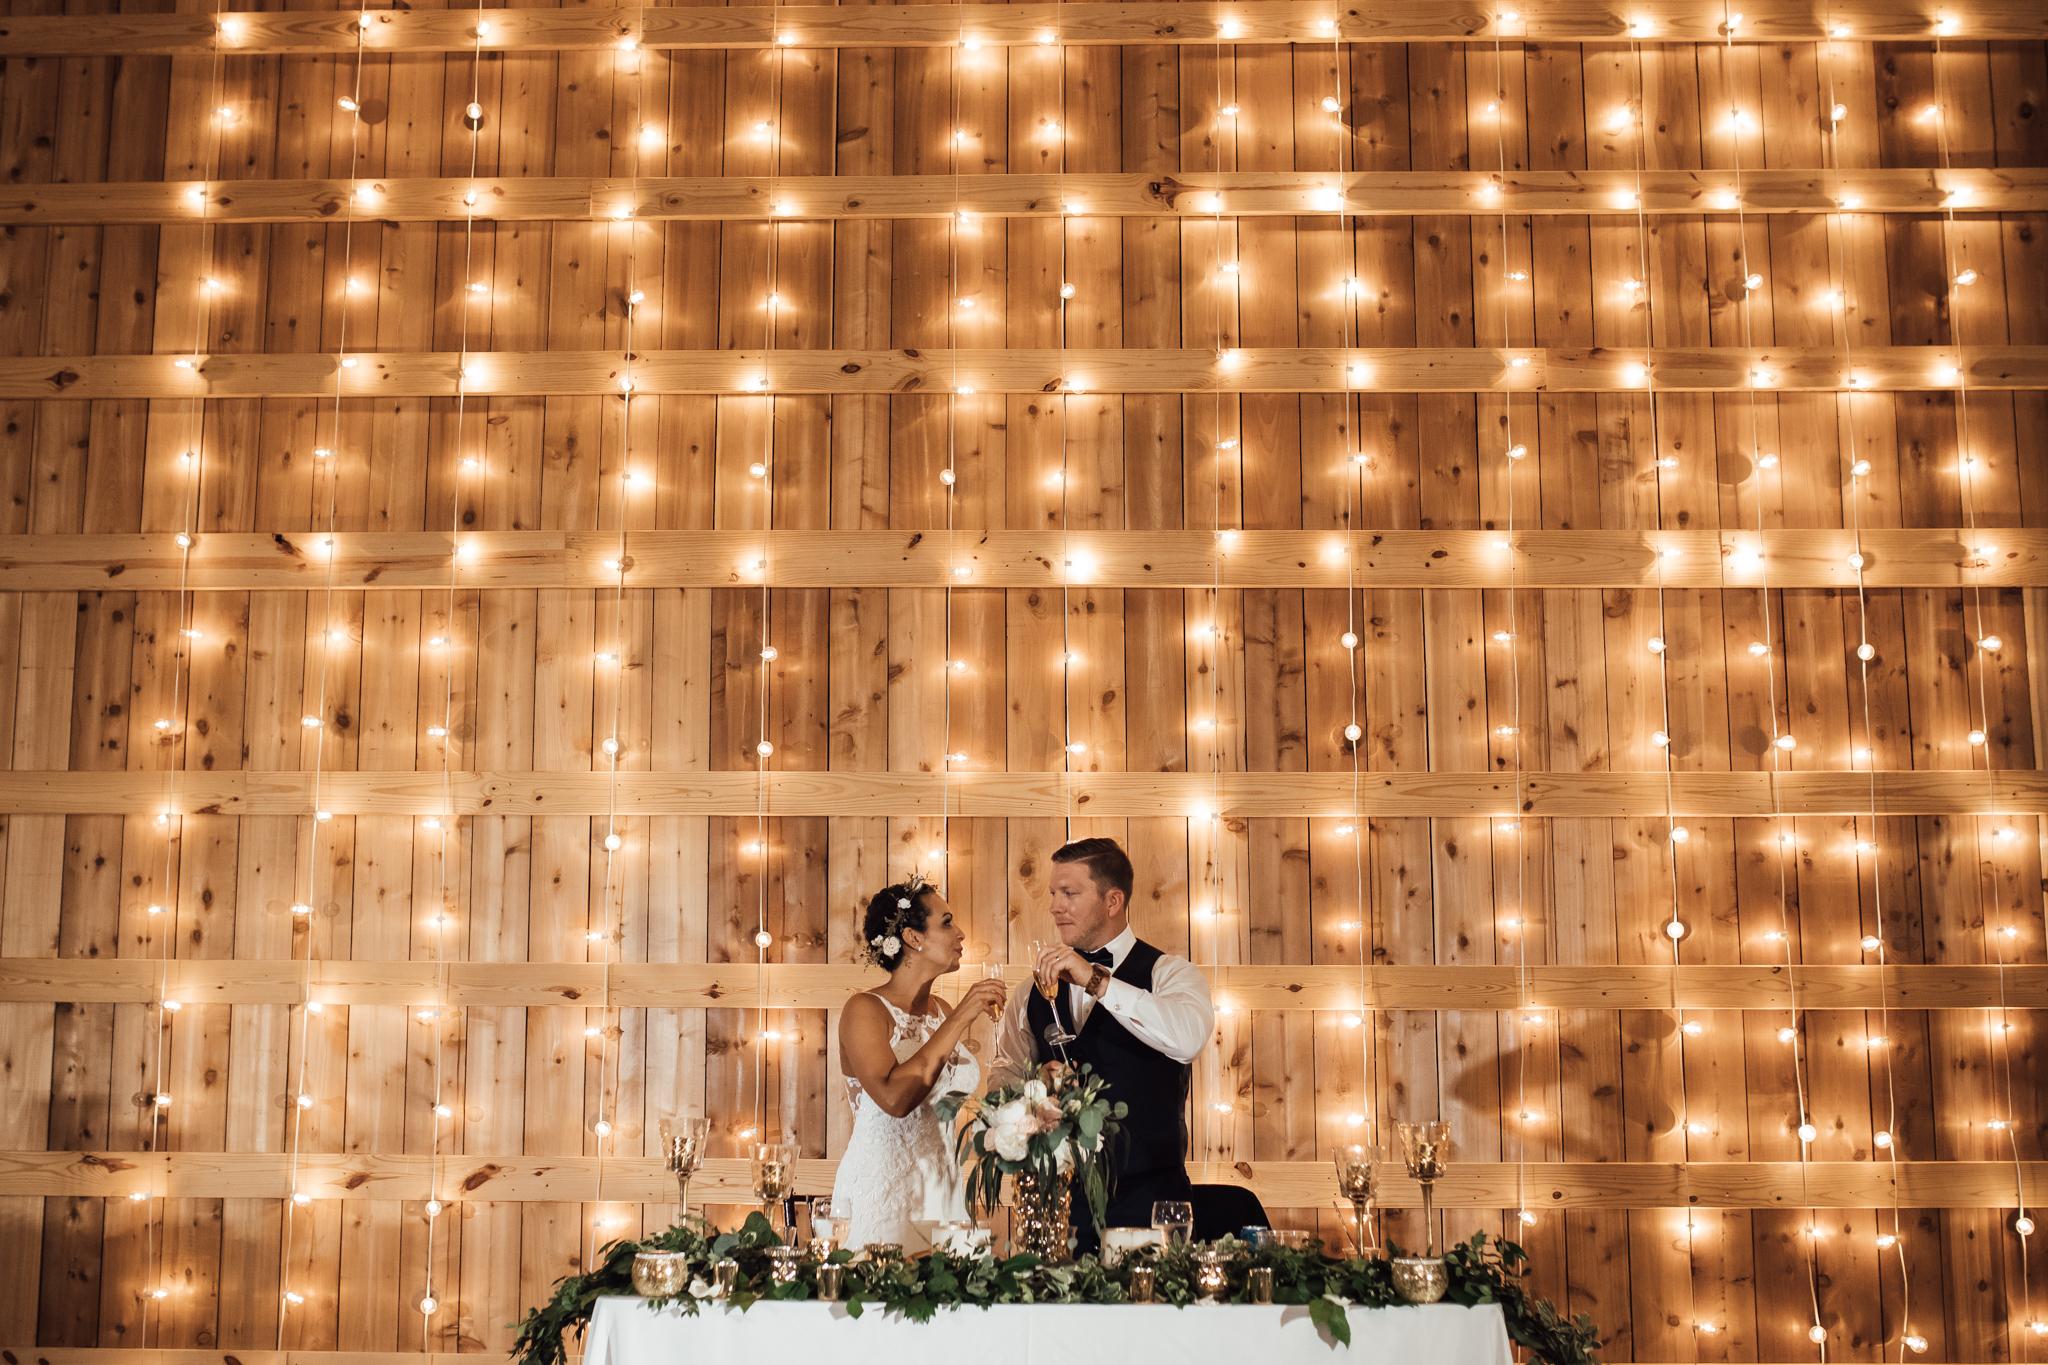 saddlewoodsfarms-nashville-wedding-photographer-thewarmtharoundyou-rustic-wedding (72 of 251).jpg